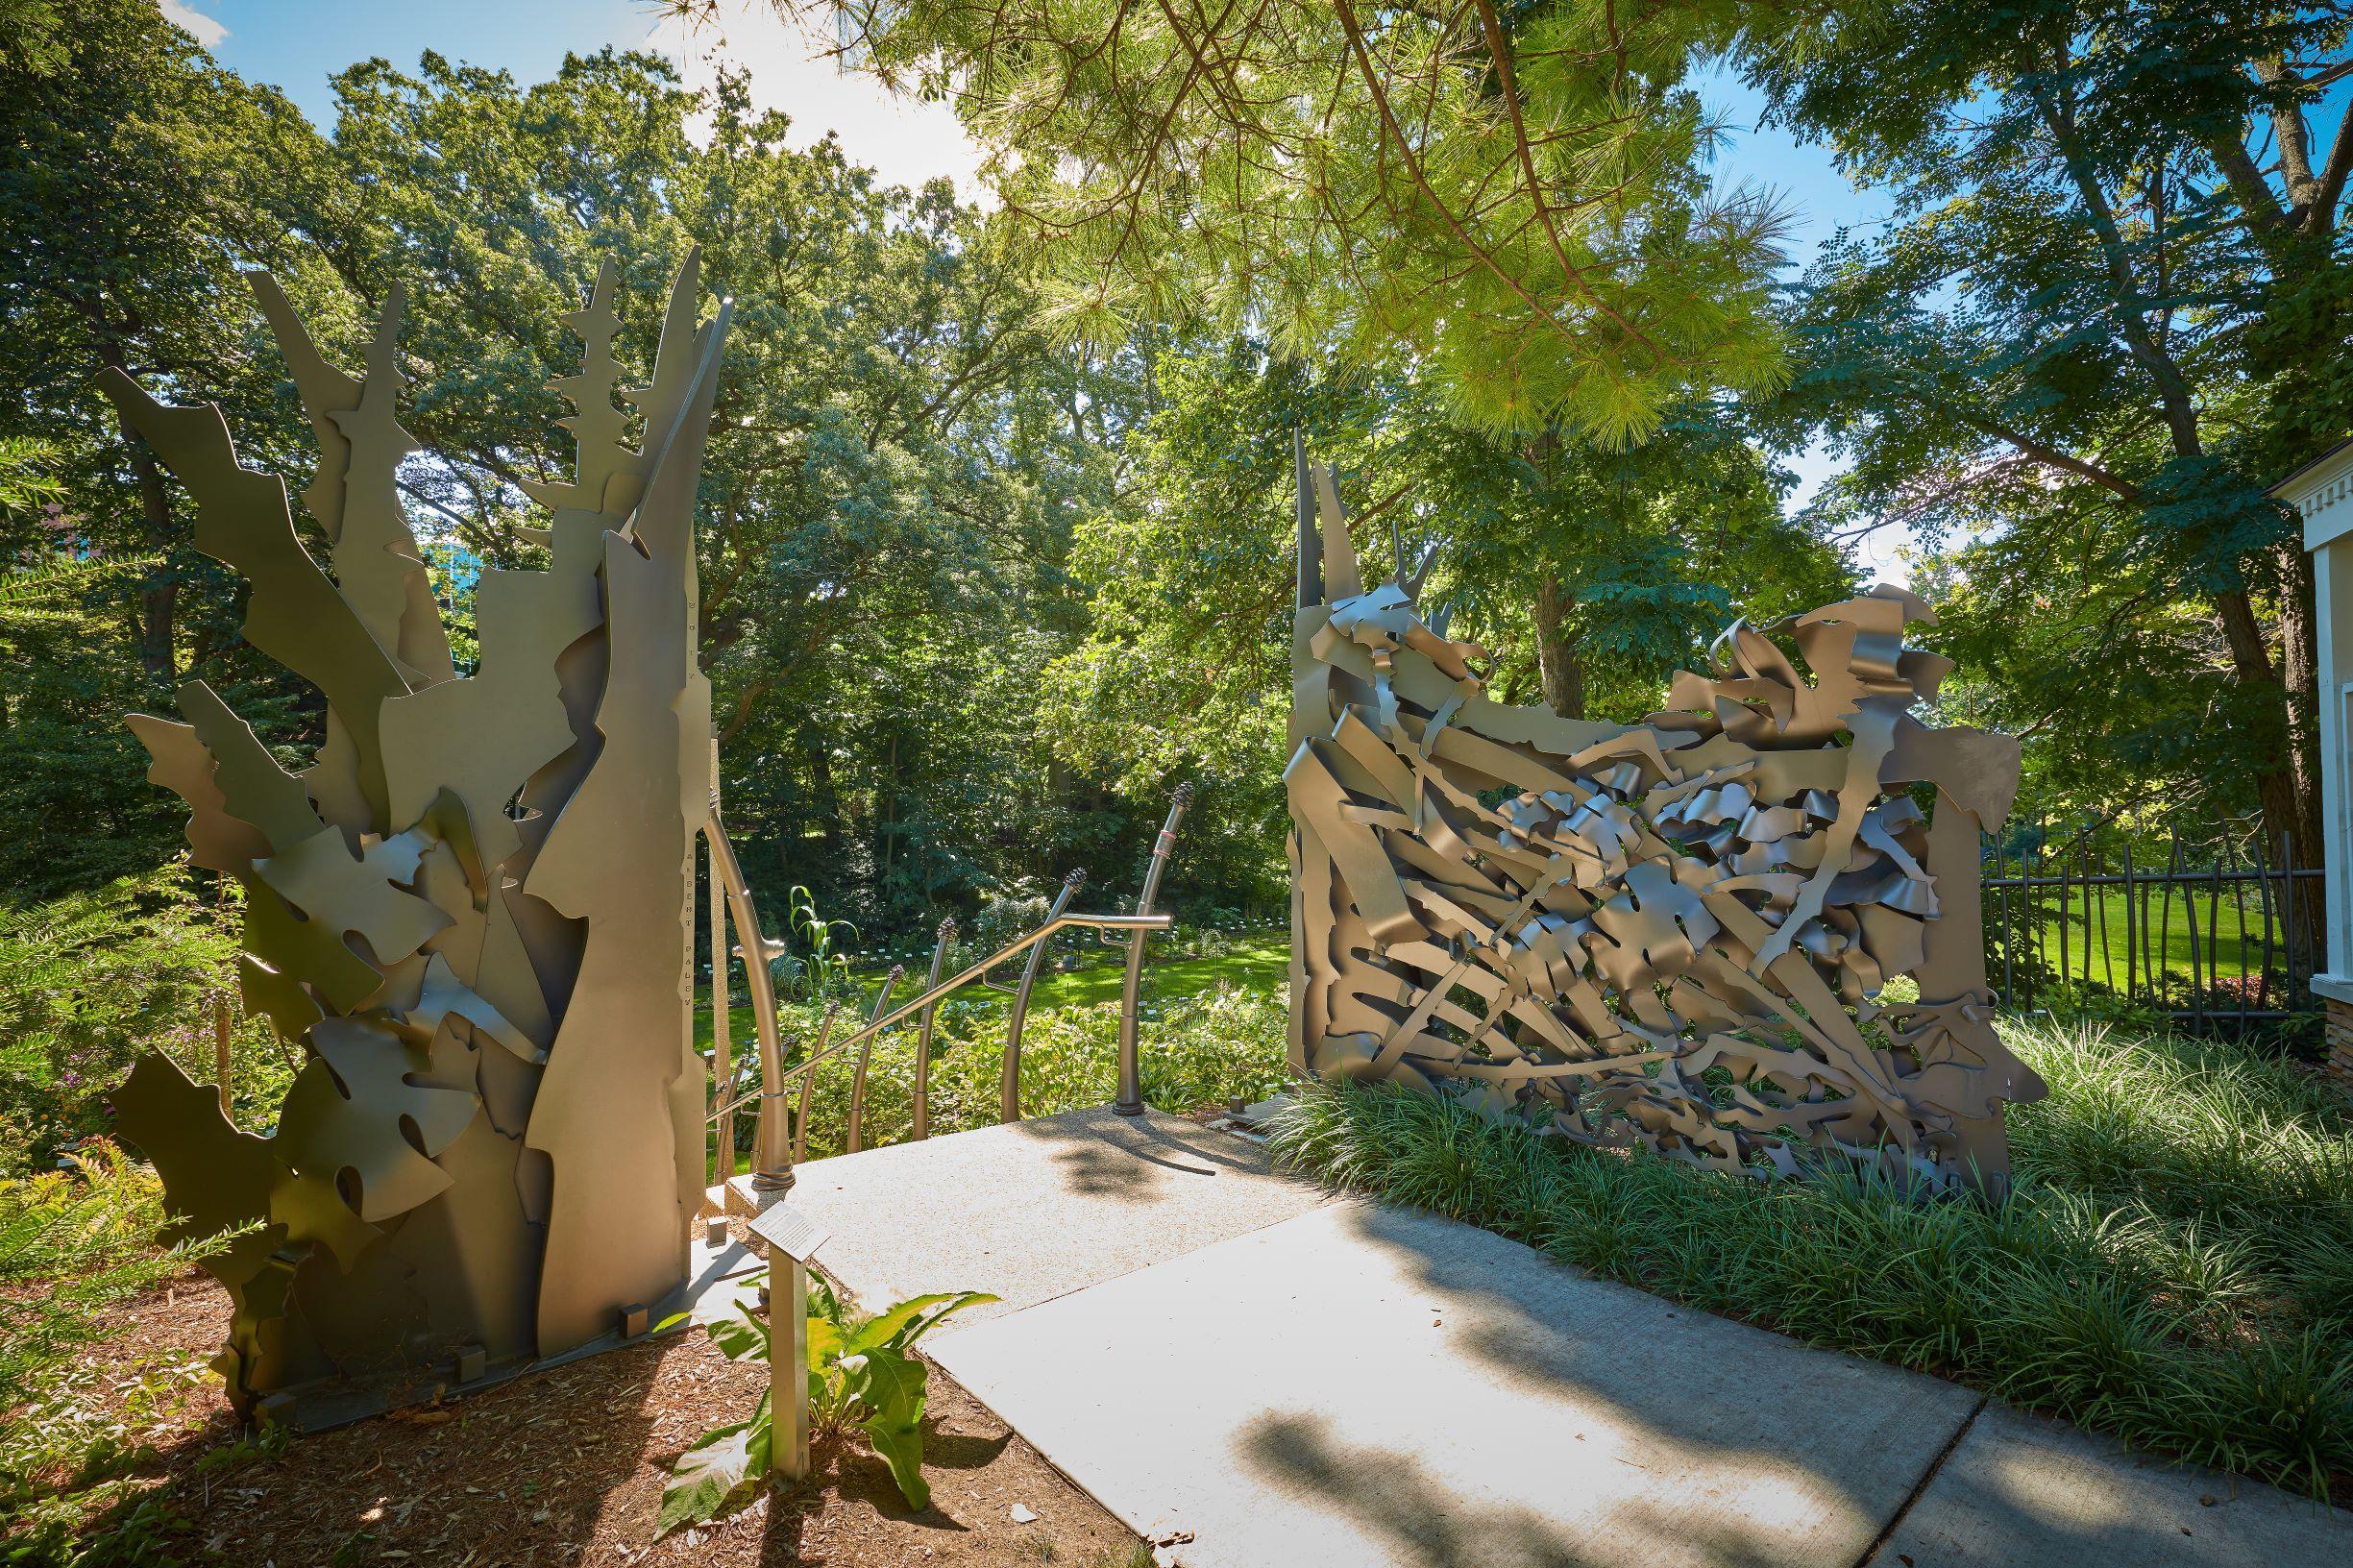 Beal Gardens Gate Sculpture